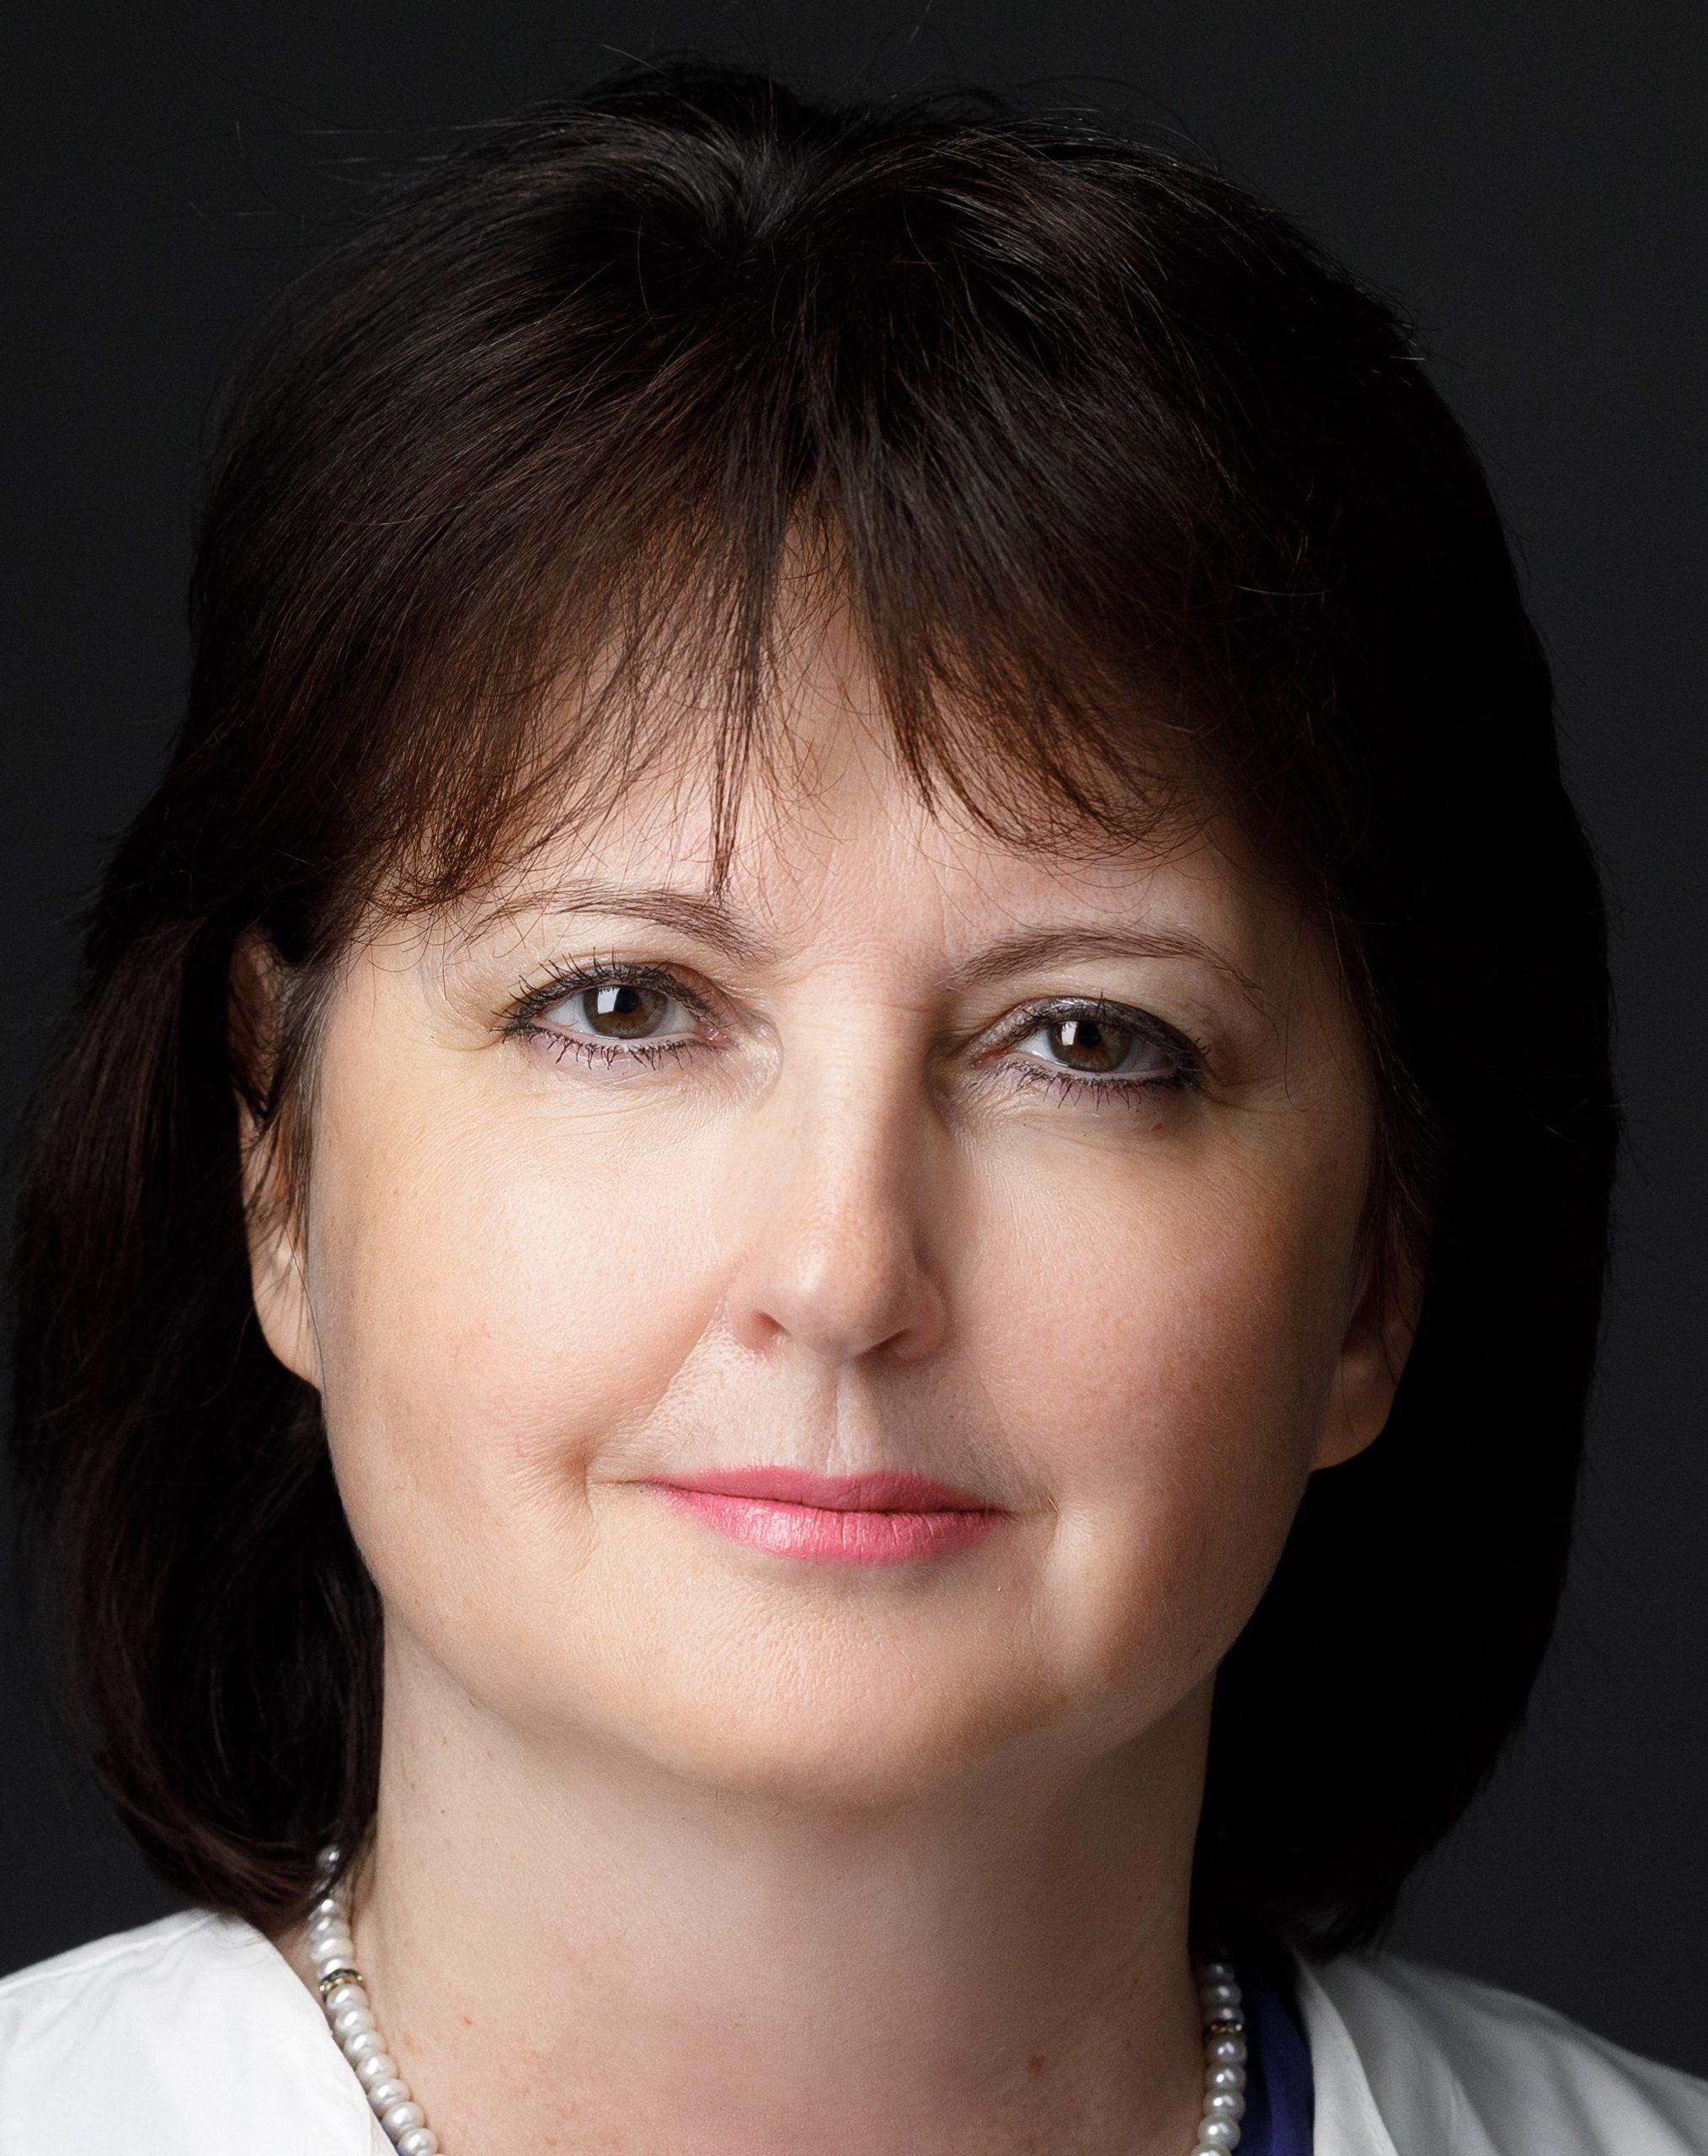 Валиуллина Светлана Альбертовна (Москва)